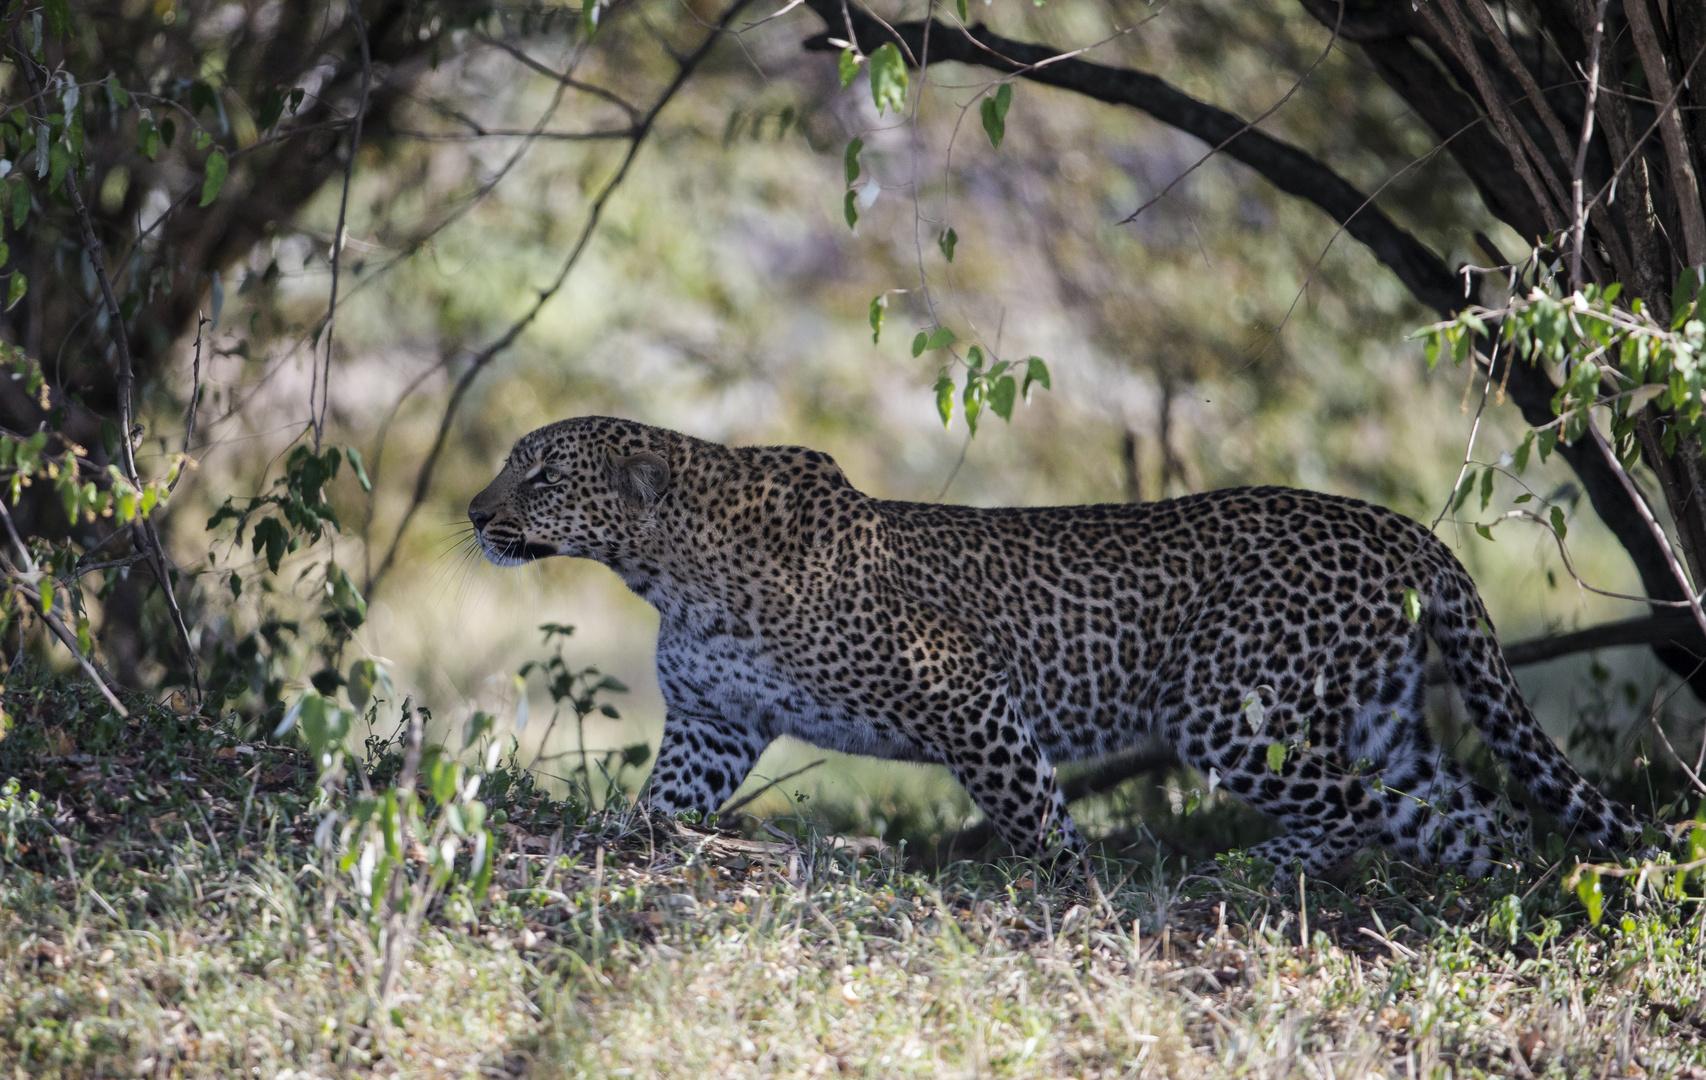 Leopard schleicht .....